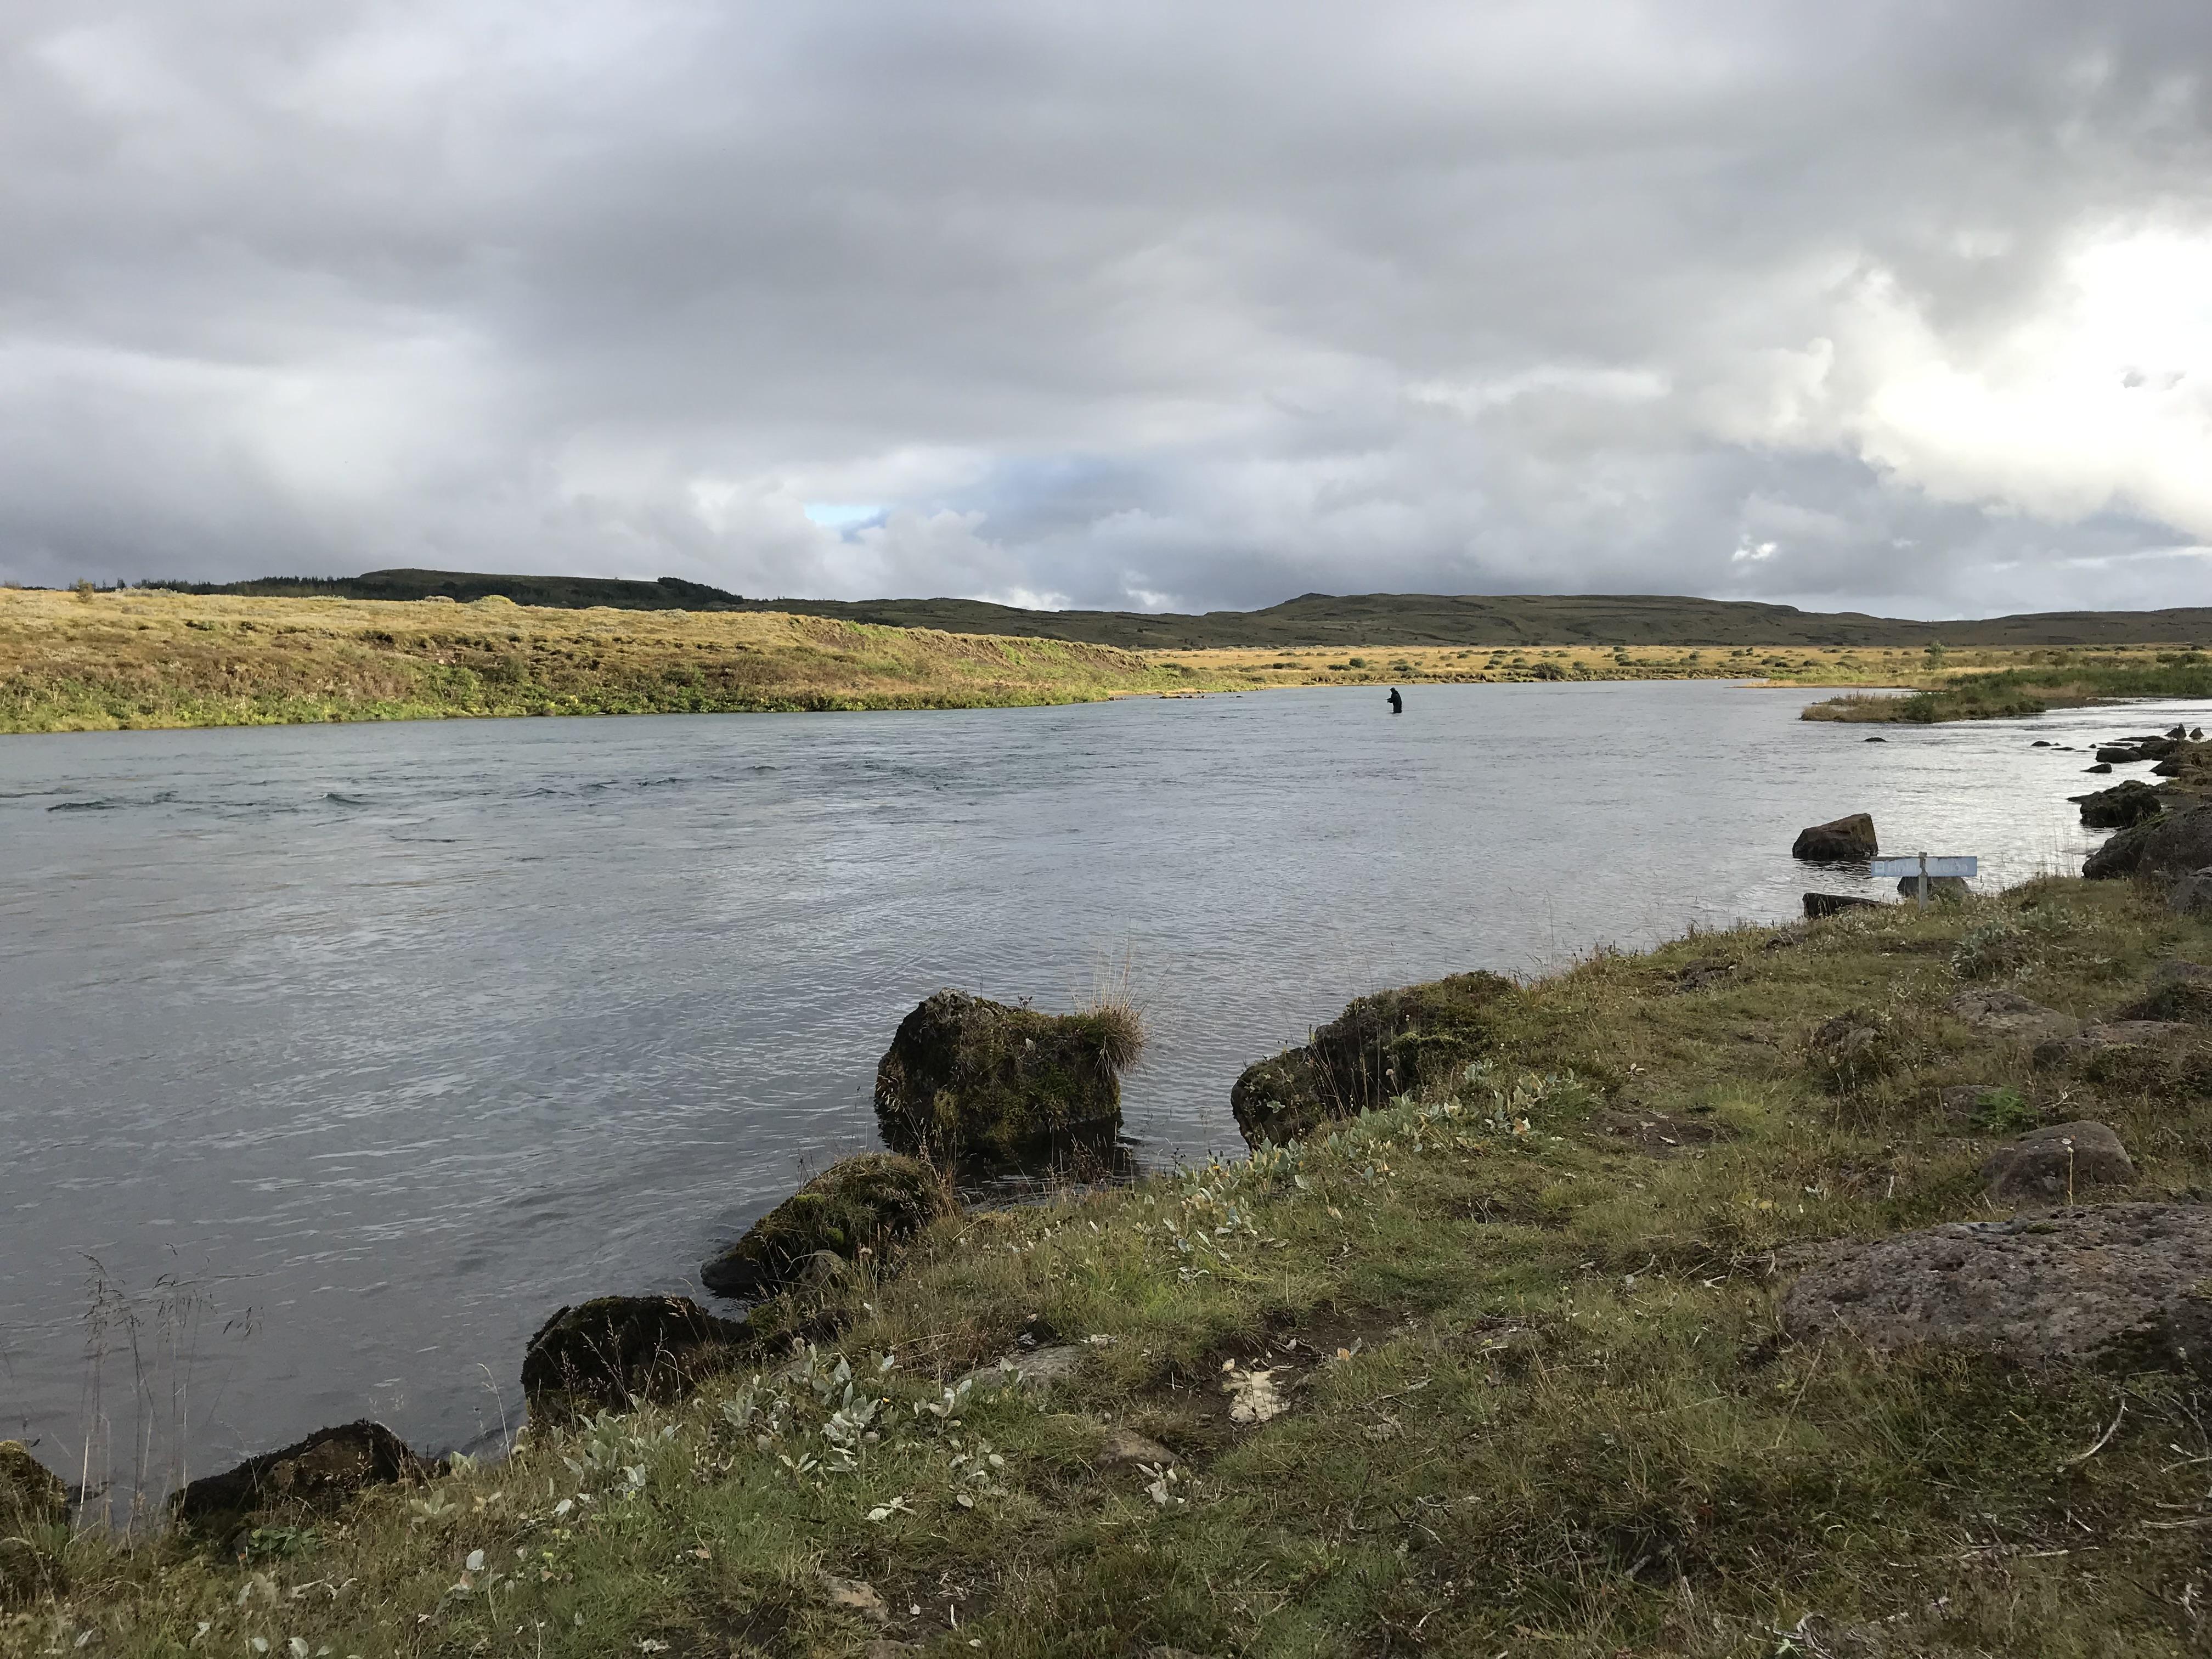 tungufljot iceland island islanti salmon laks lax lohi perhokalastus flyfishing flugfiske fluefiske salmonflyfishing perhokalastusmatka kalastus kalastusmatka fishmaster globalfishing